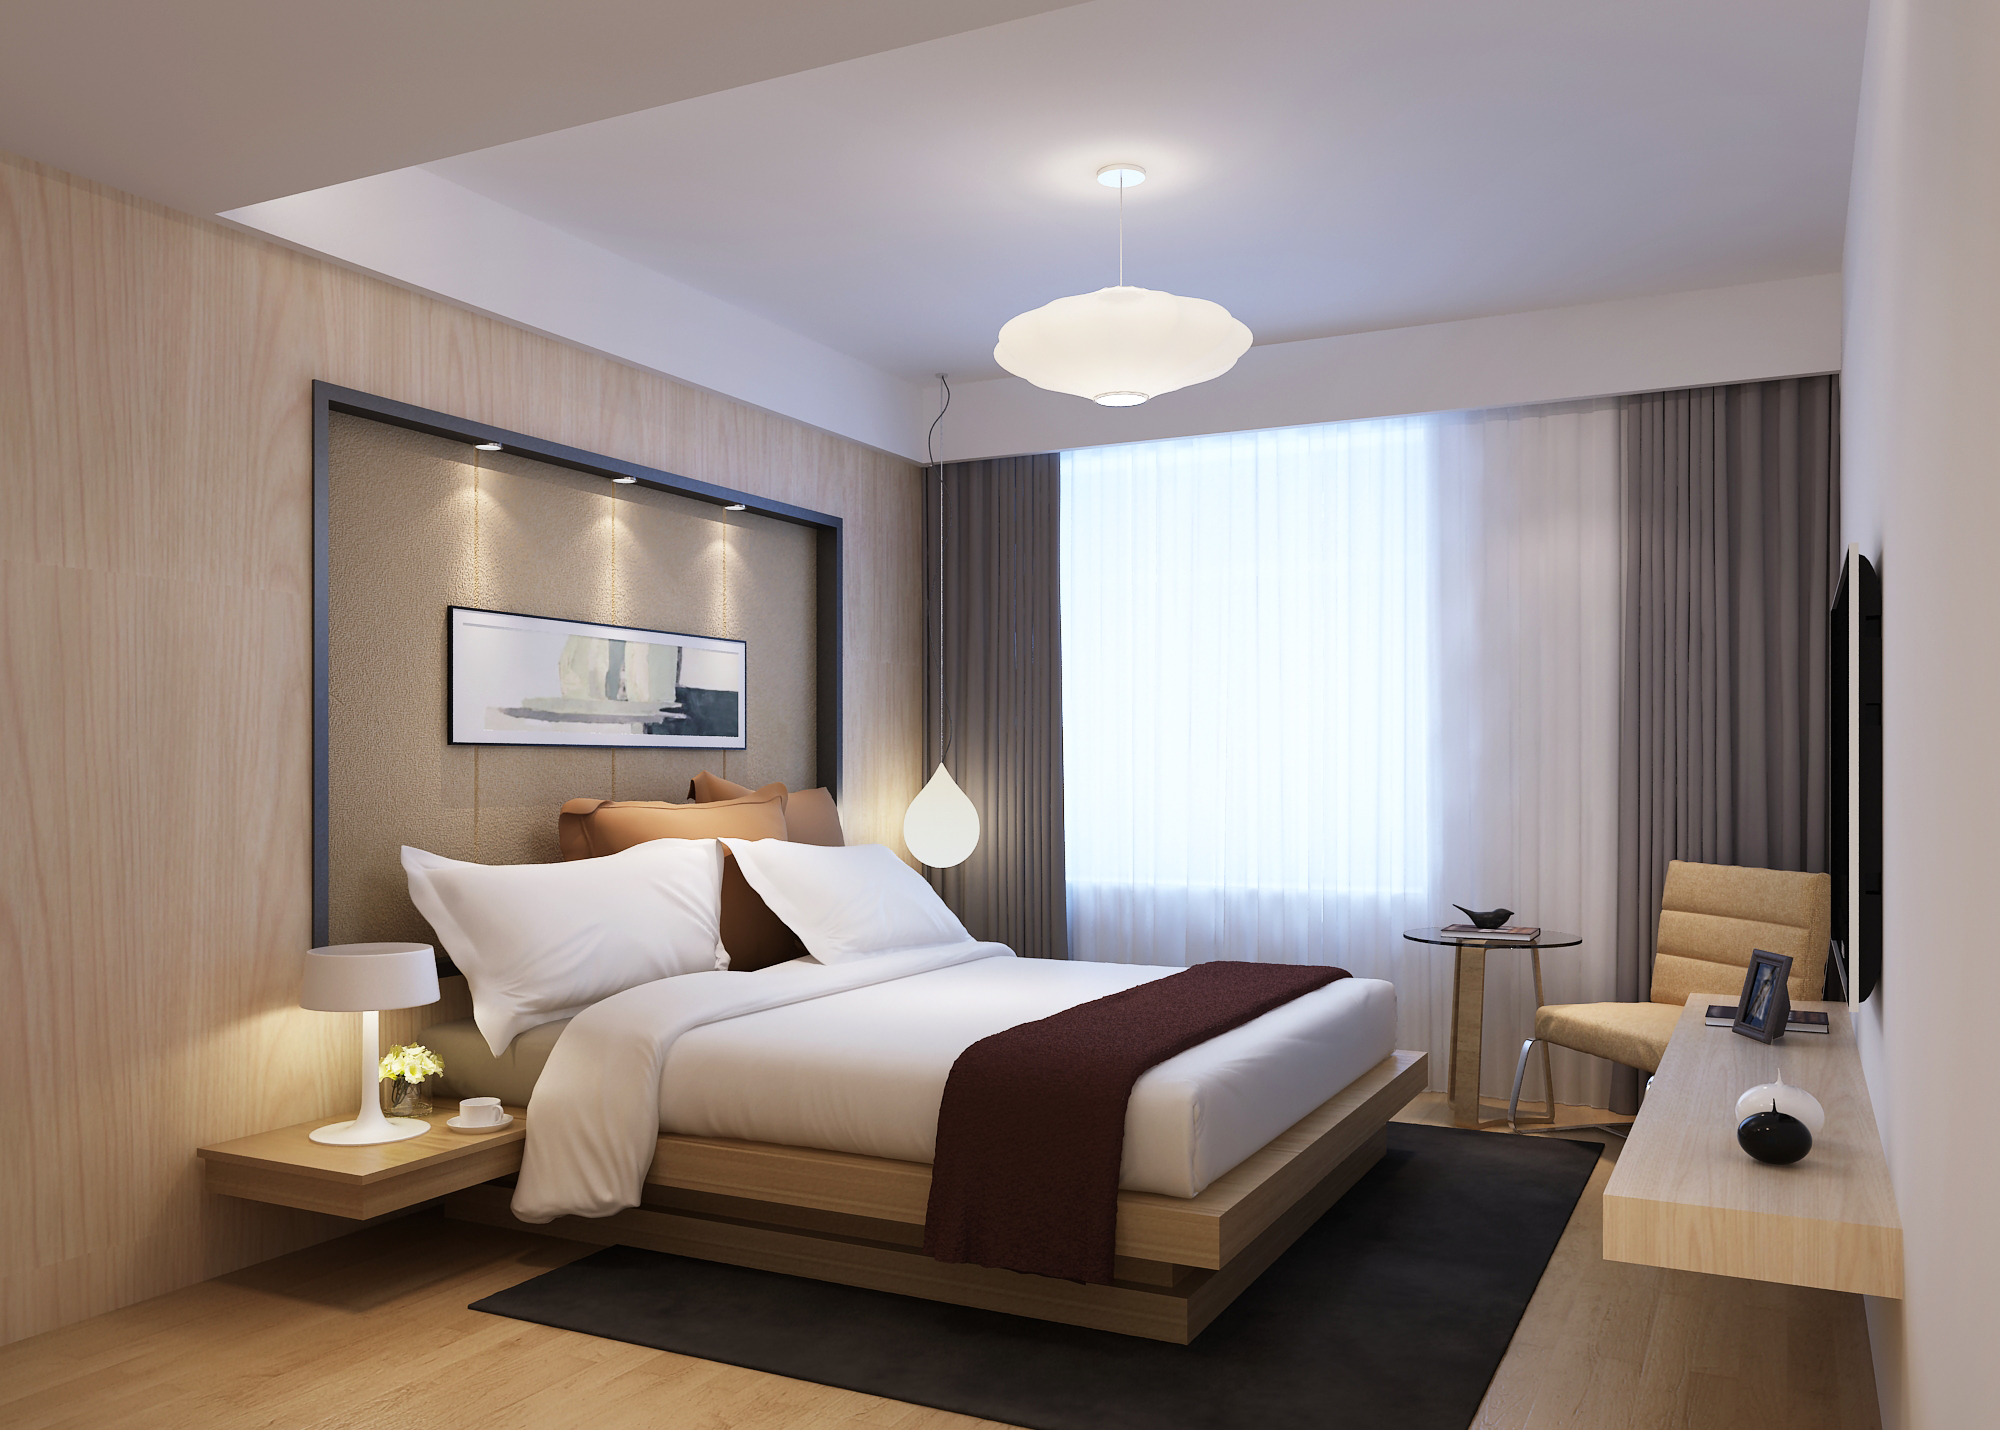 designs 3d bedroom 3d bedroom 3d bedroom